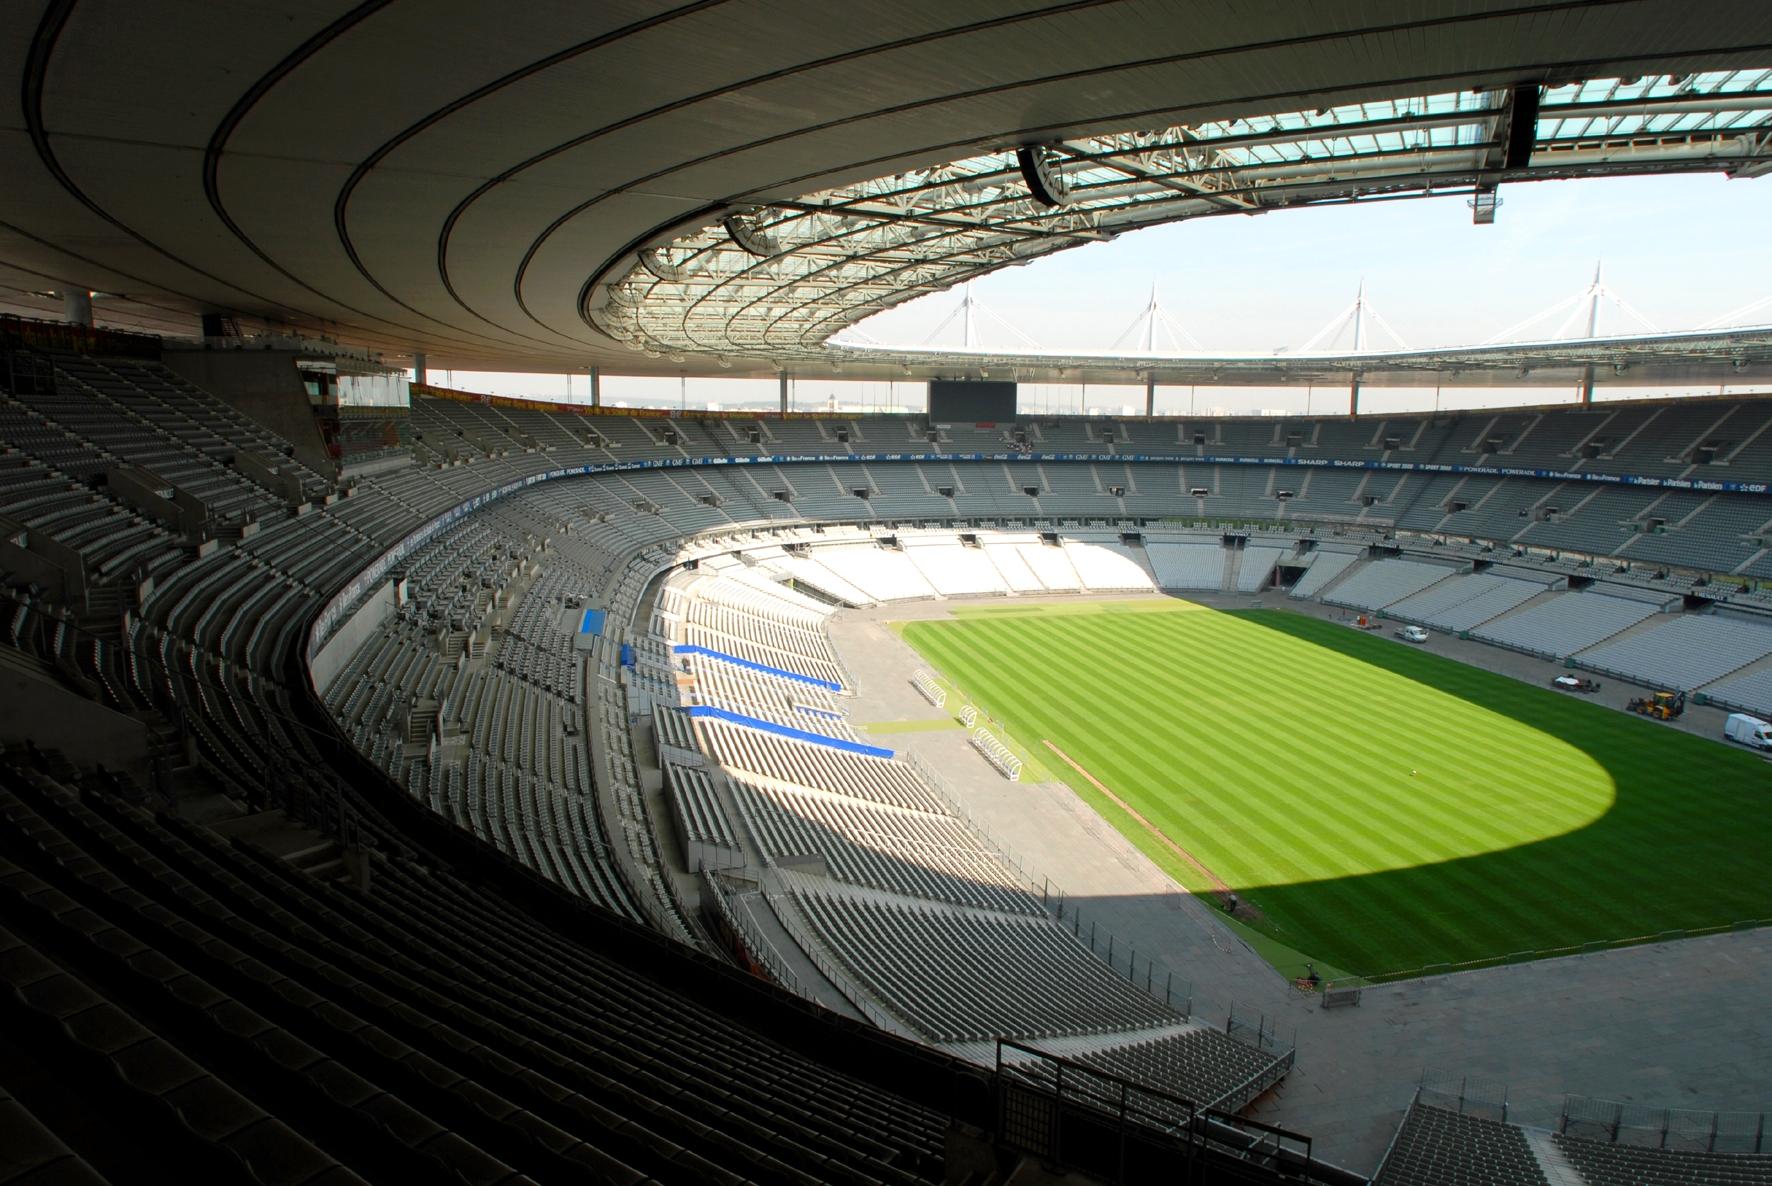 Le stade de france va t il dispara tre allsportsfrance - Capacite d accueil stade de france ...